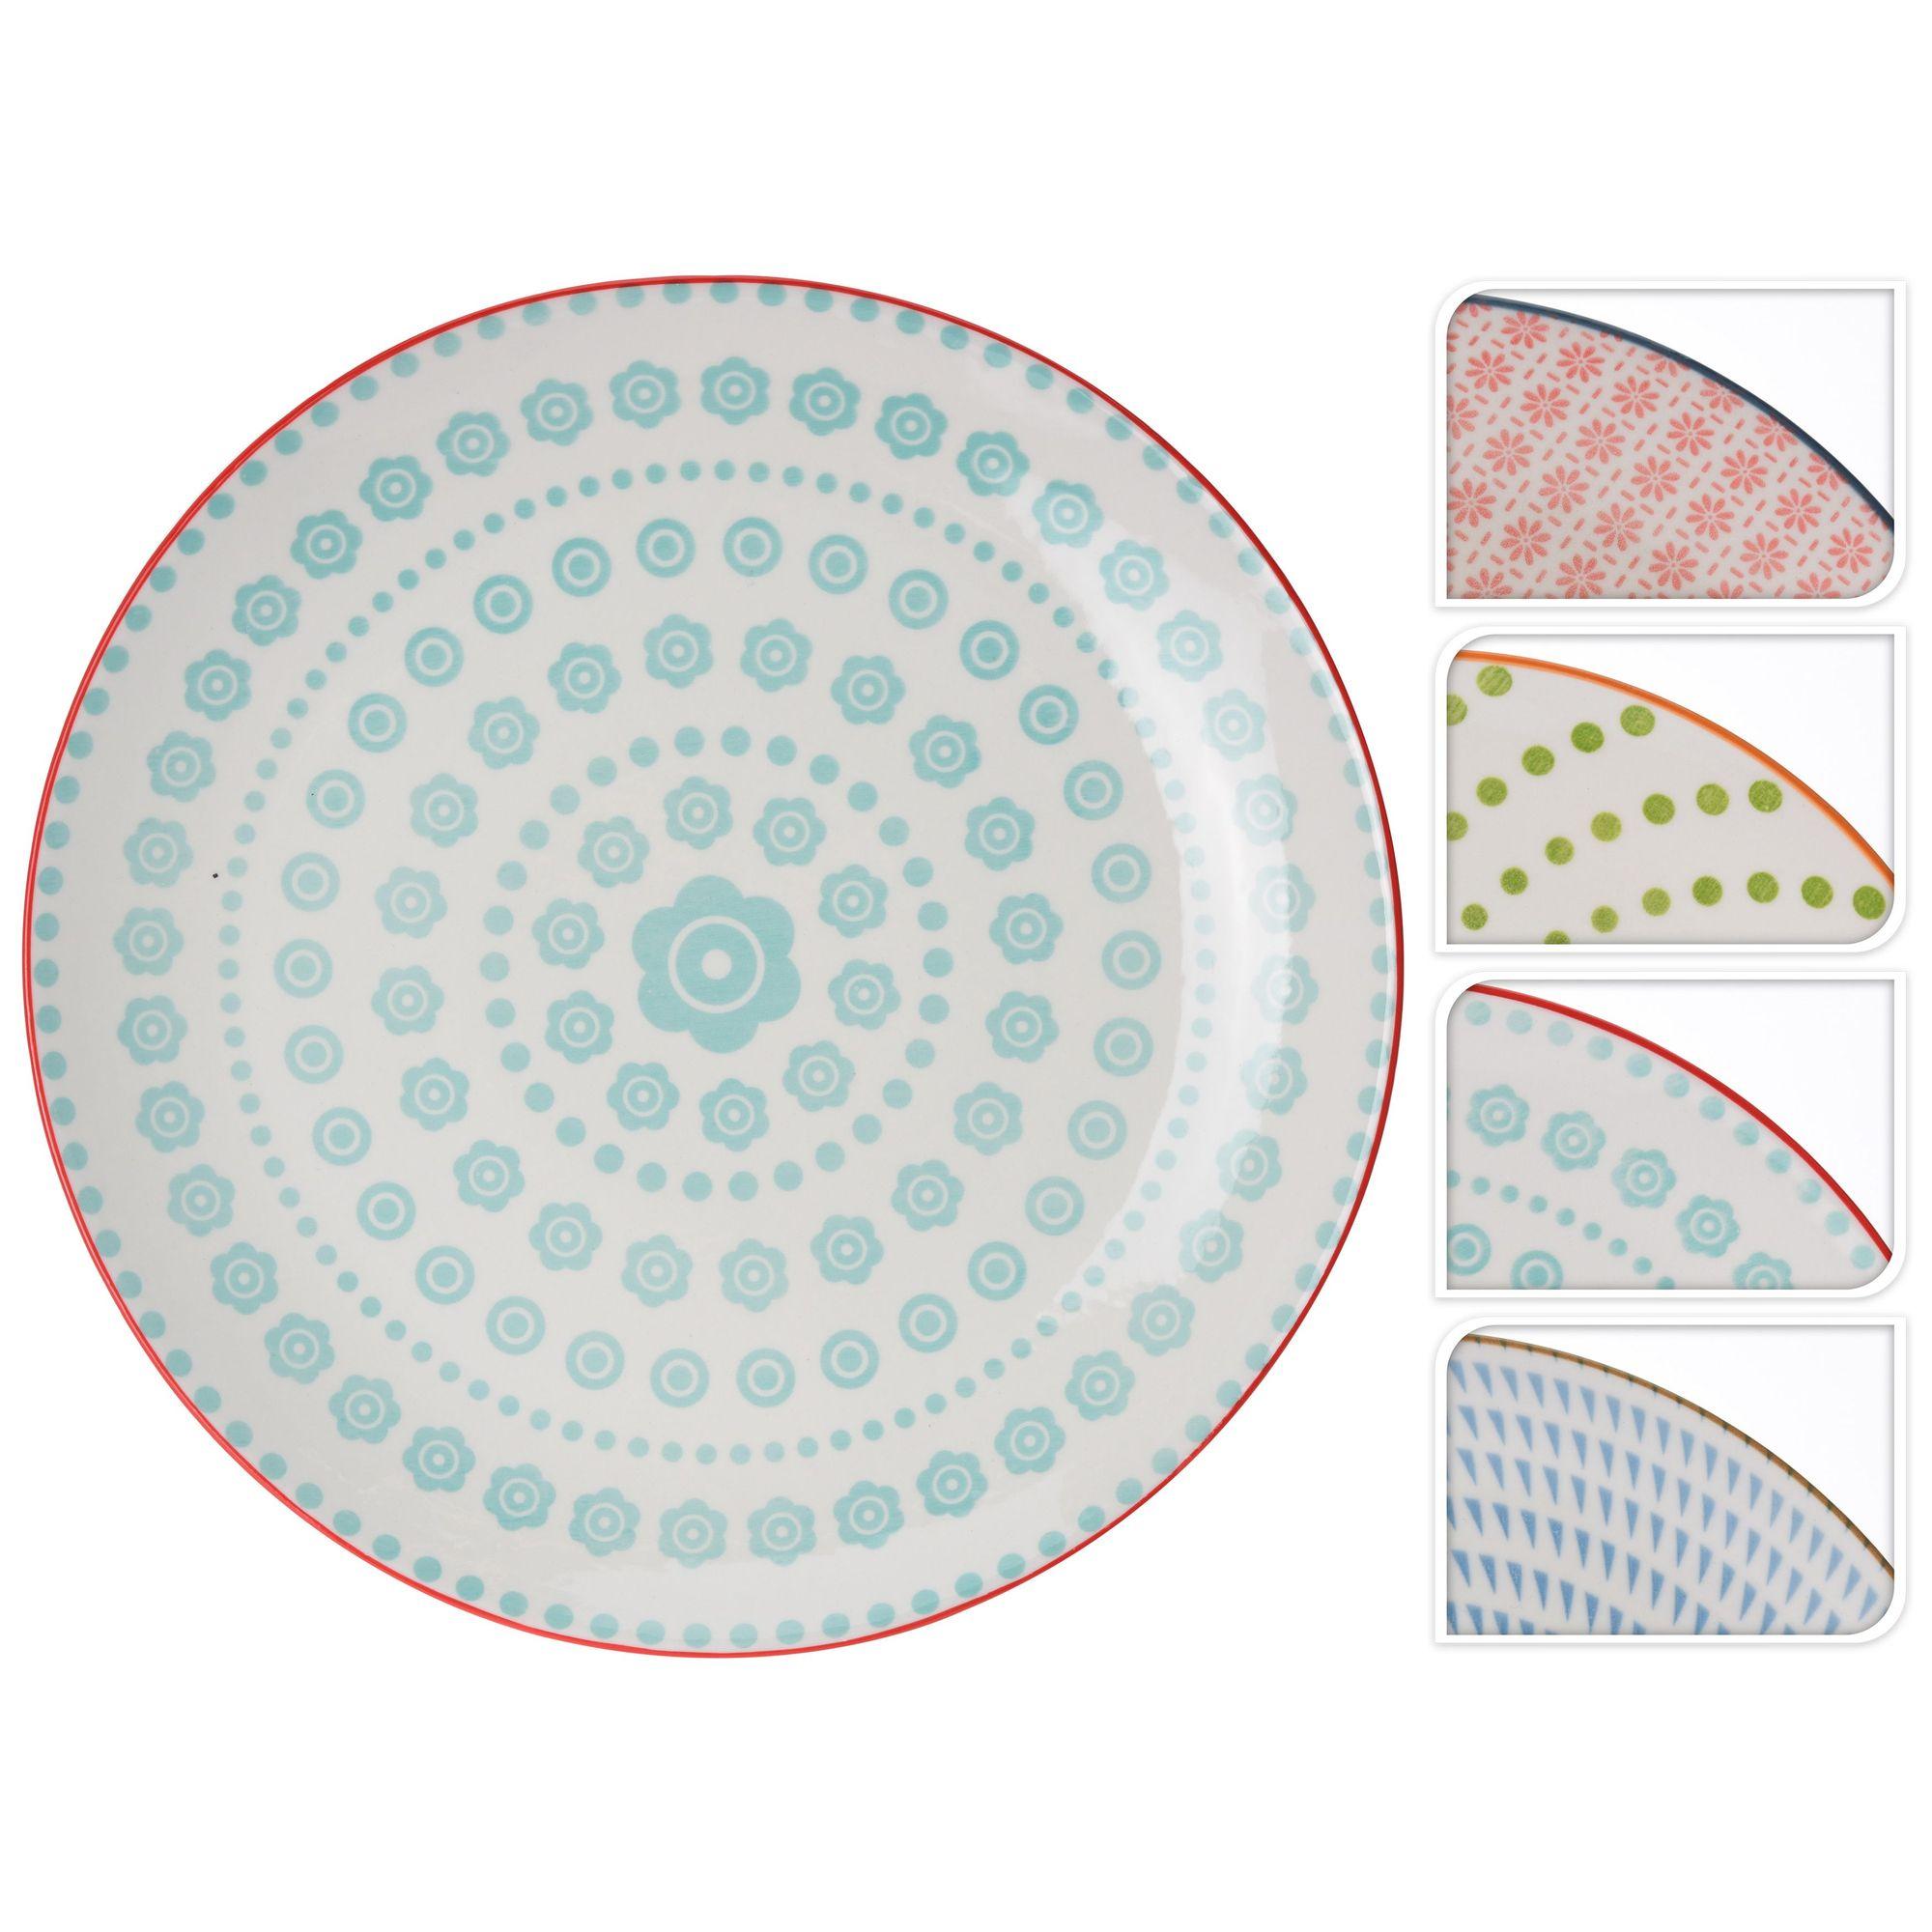 Тарелка 28 см в ассортиментеОбеденная тарелка станет повседневным предметом, необходимым на кухне у хозяйки. Этот элемент домашней утвари прекрасно подойдет и для праздничной сервировки так как выполнен в привлекательном современном дизайне. Круглая тарелка 28 см в ассортименте имеет подходящий размер в диаметре, она идеально впишется в оформление, станет незаменимой среди прочих предметов.Непритязательный стиль исполнения этой универсальной тарелки бренда Экселент Хаусвейр, удобная для использования форма и качественные материалы изготовления найдут поклонниц не только среди любительниц классики. Хорошие эксплуатационные характеристики обеспечат оптимальный срок службы. Данное изделие оценит даже требовательный потребитель.<br>